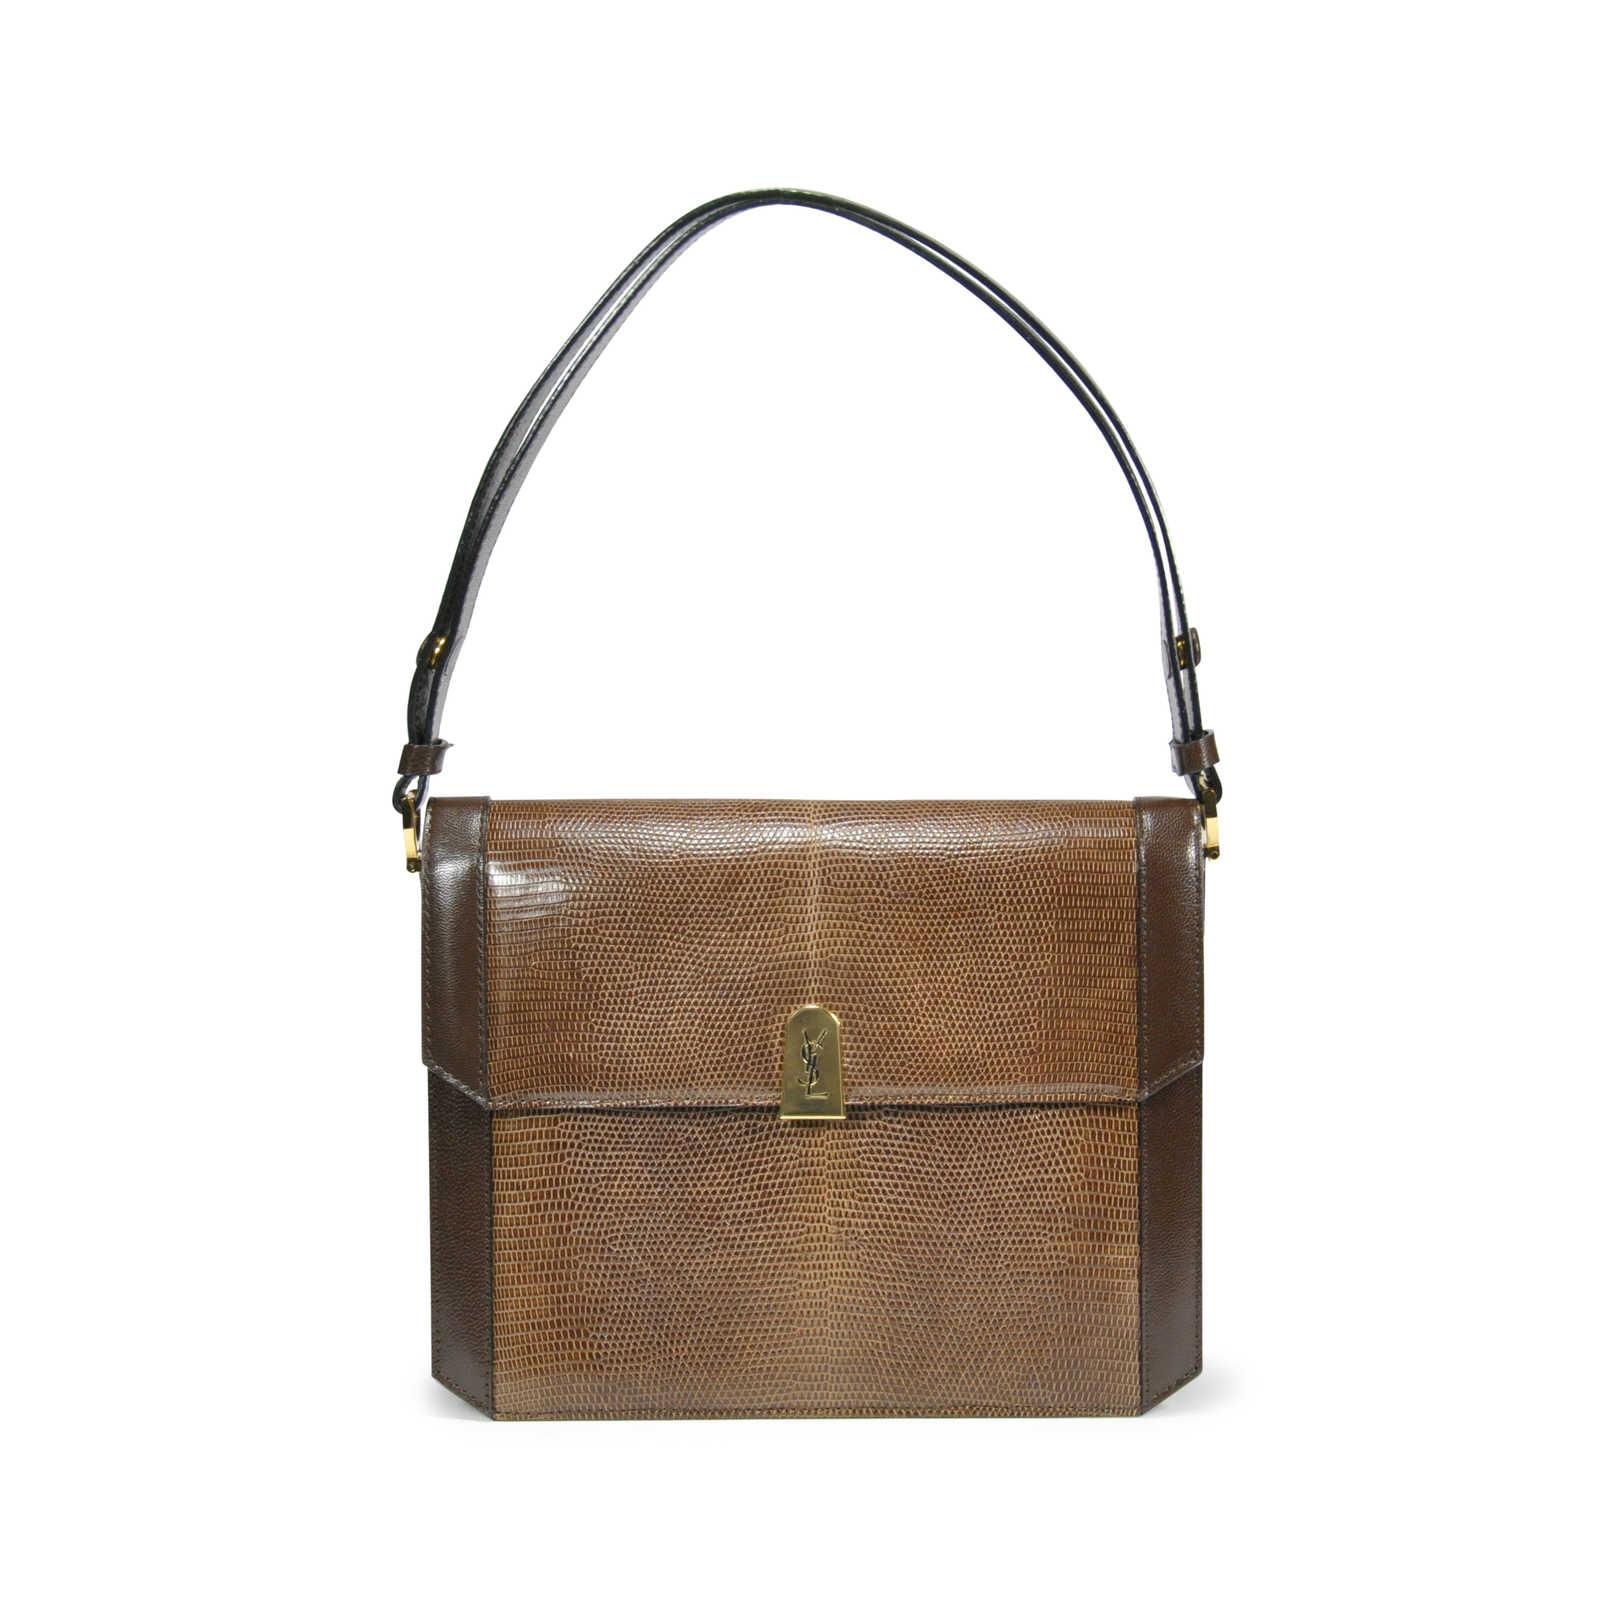 38da02e65144 Authentic Vintage Yves Saint Laurent Lizard Accordian Bag (PSS-199-00001)  ...